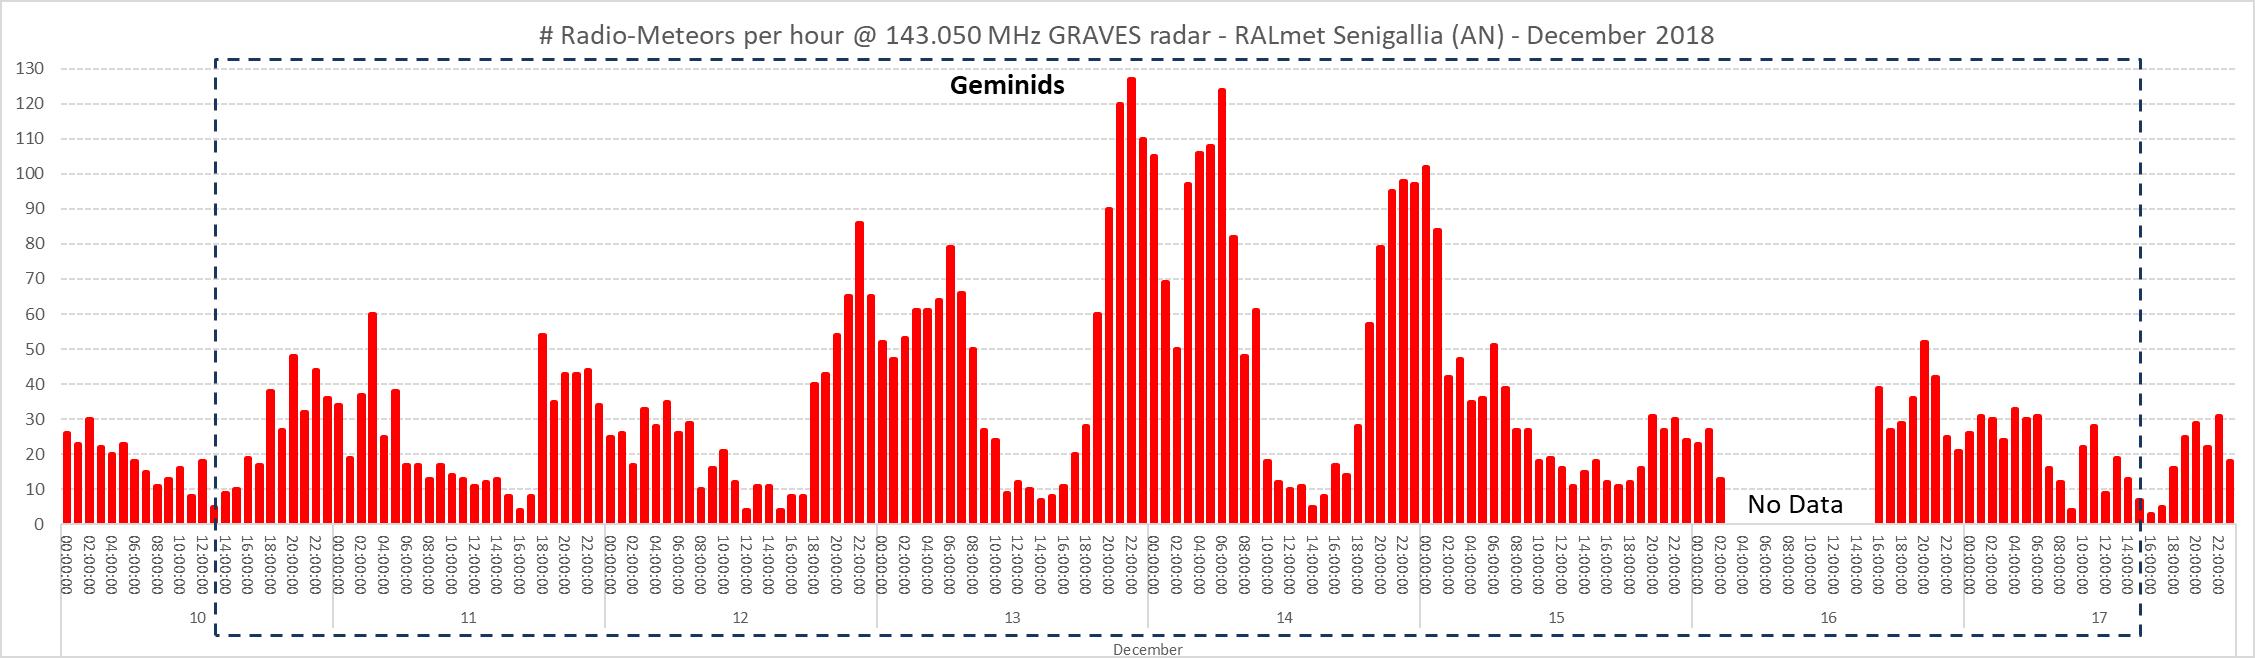 Numero di radio-echi meteorici per ora registrati durante il periodo di occorrenza delle Geminidi: si notano i massimi caratteristici dello sciame.